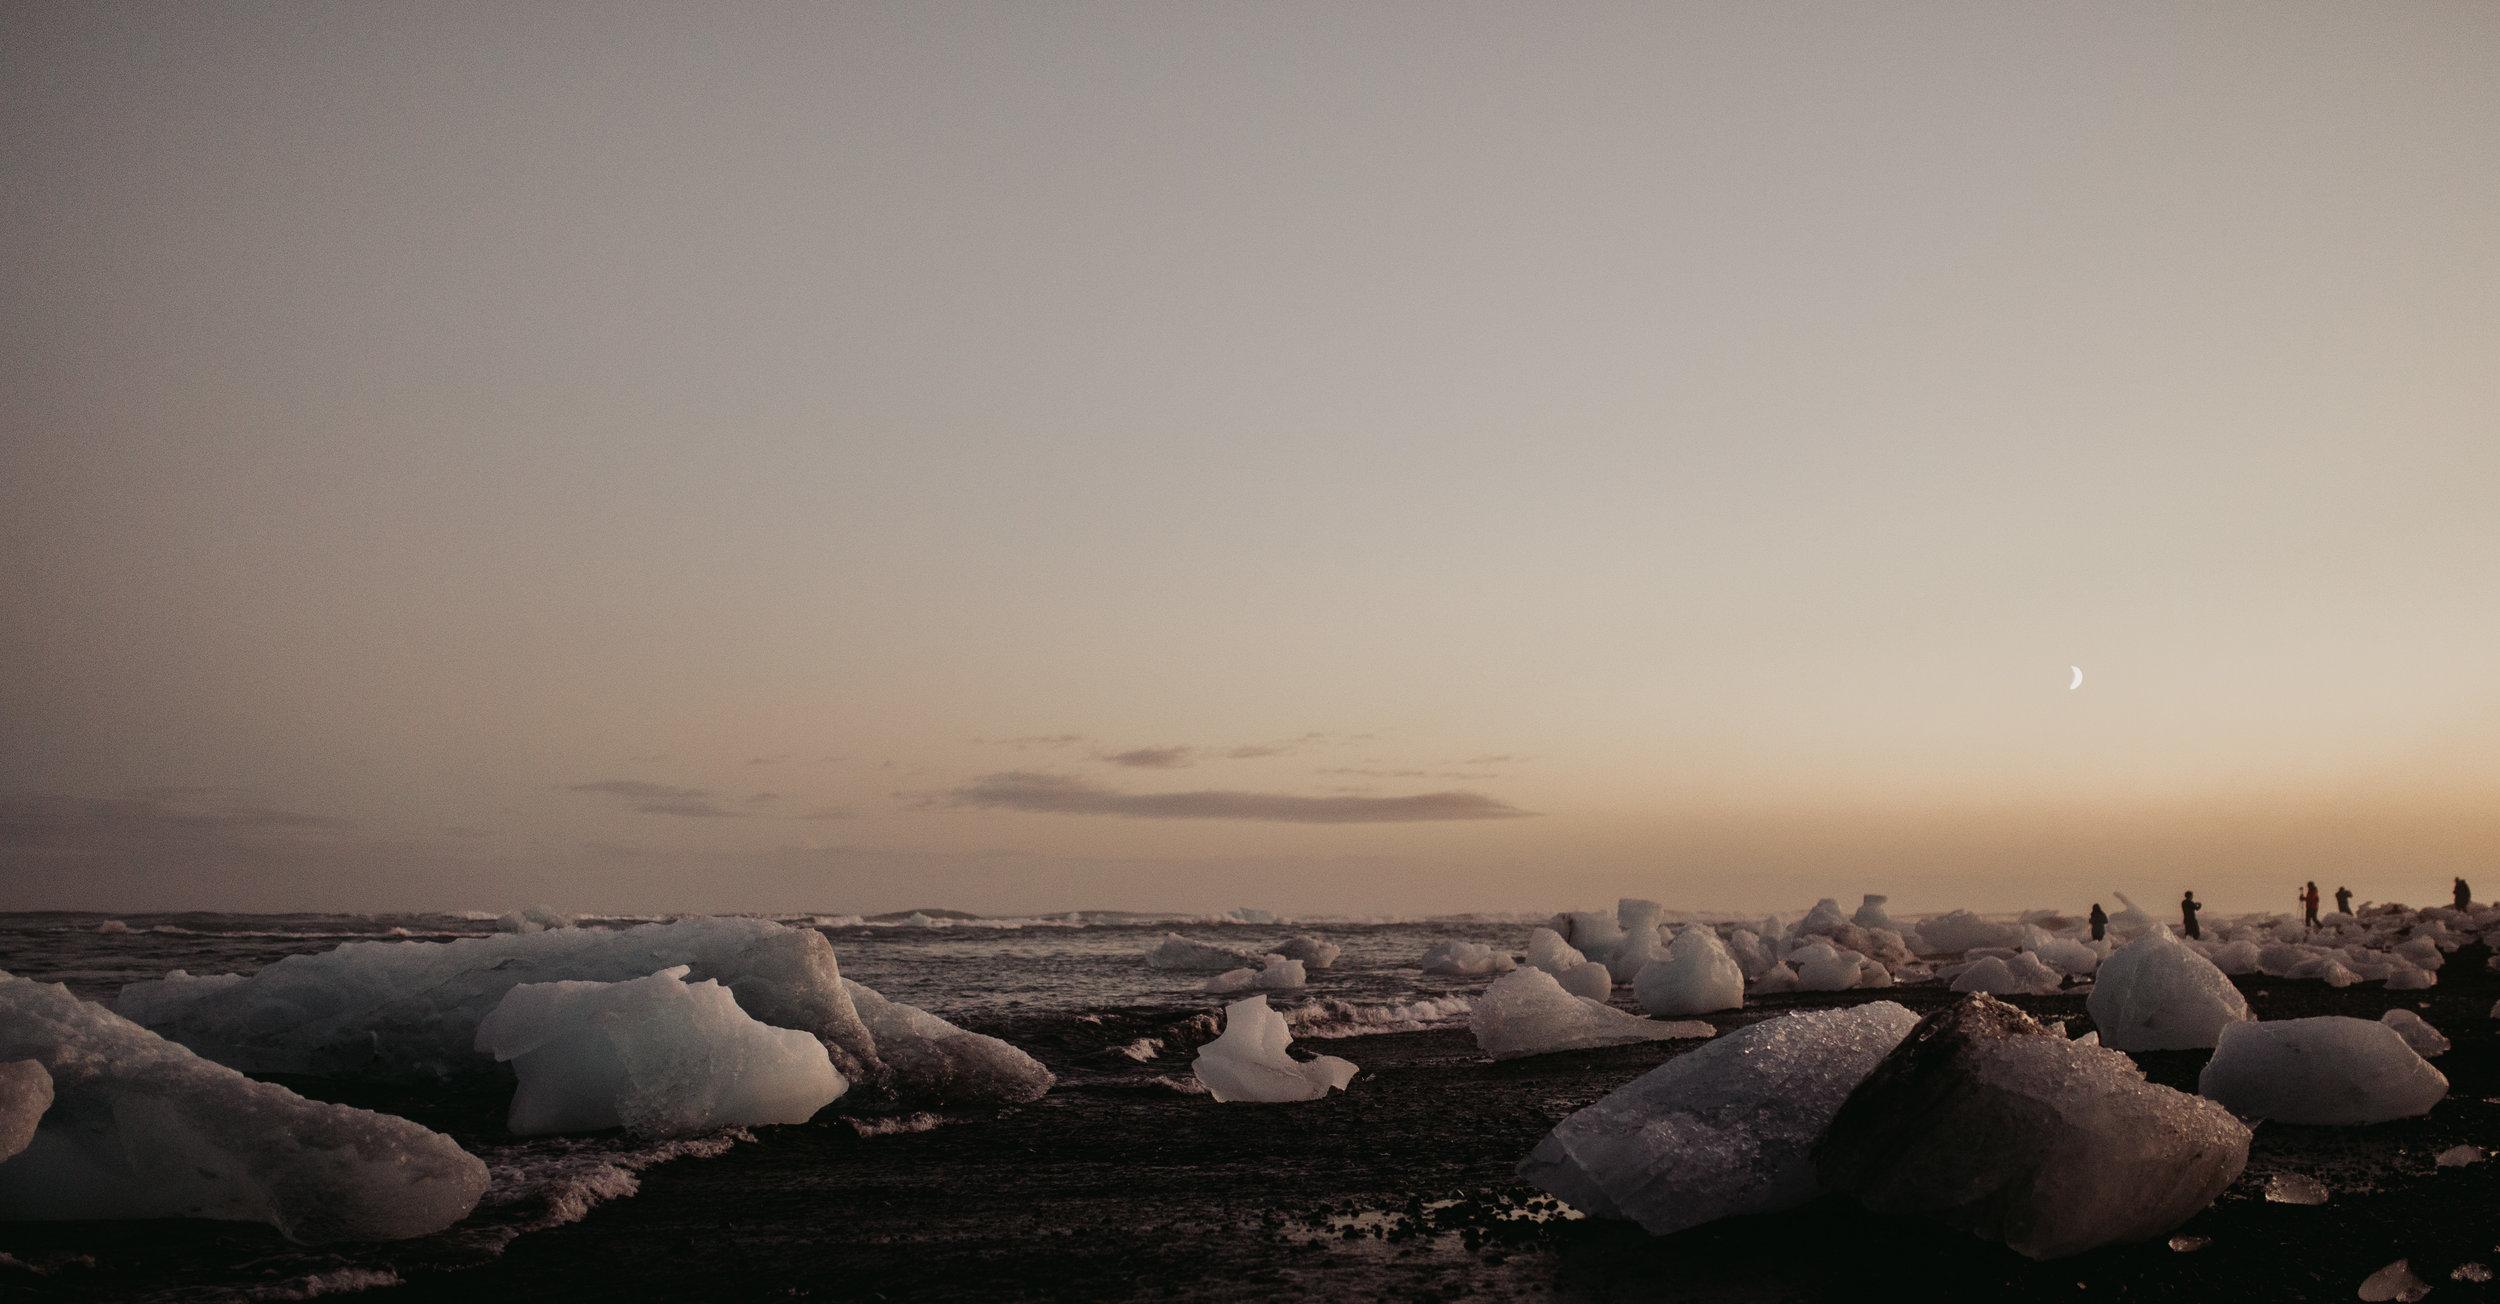 iceland-travel-tips-blog06-2.jpg